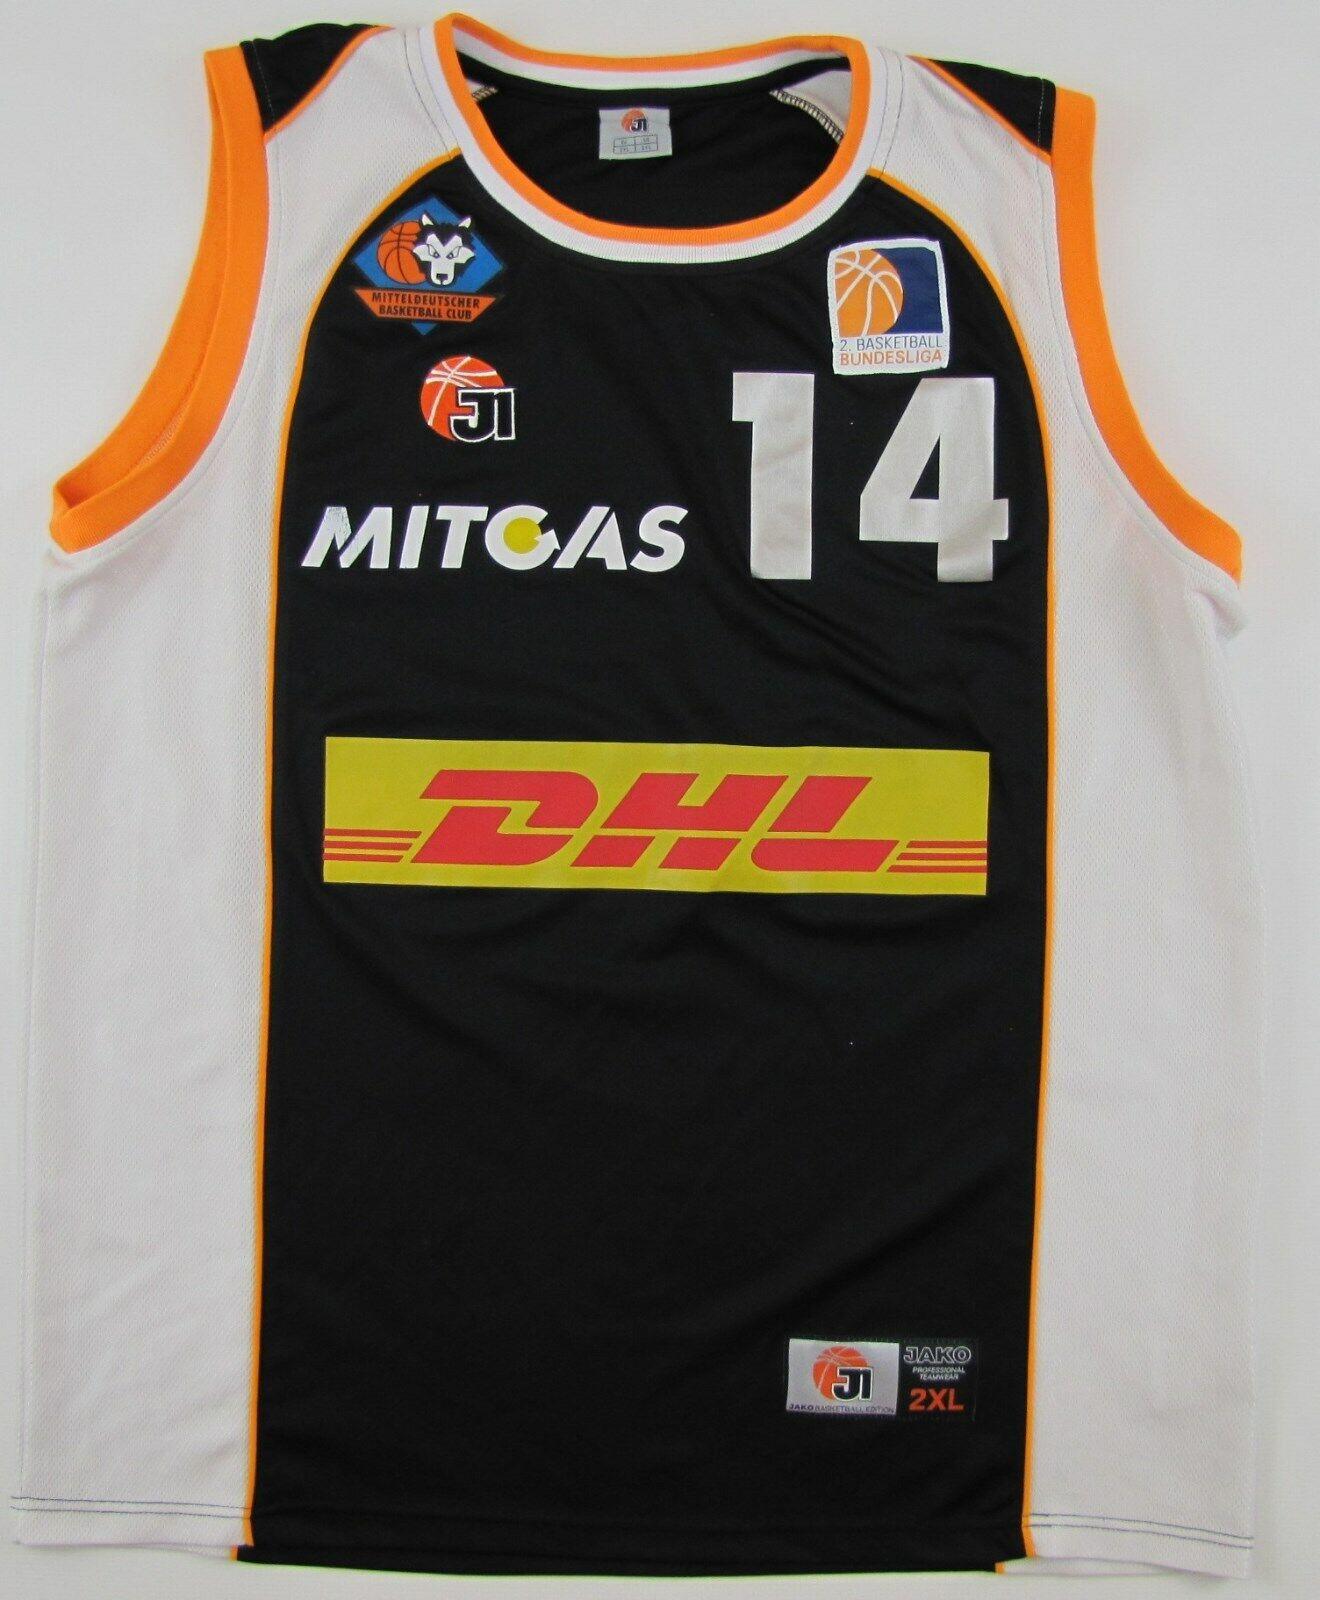 Mitteldeutscher BC Basketball Club 2008 09 \\\' Jako Matchwear Spieelertrikot 2XL